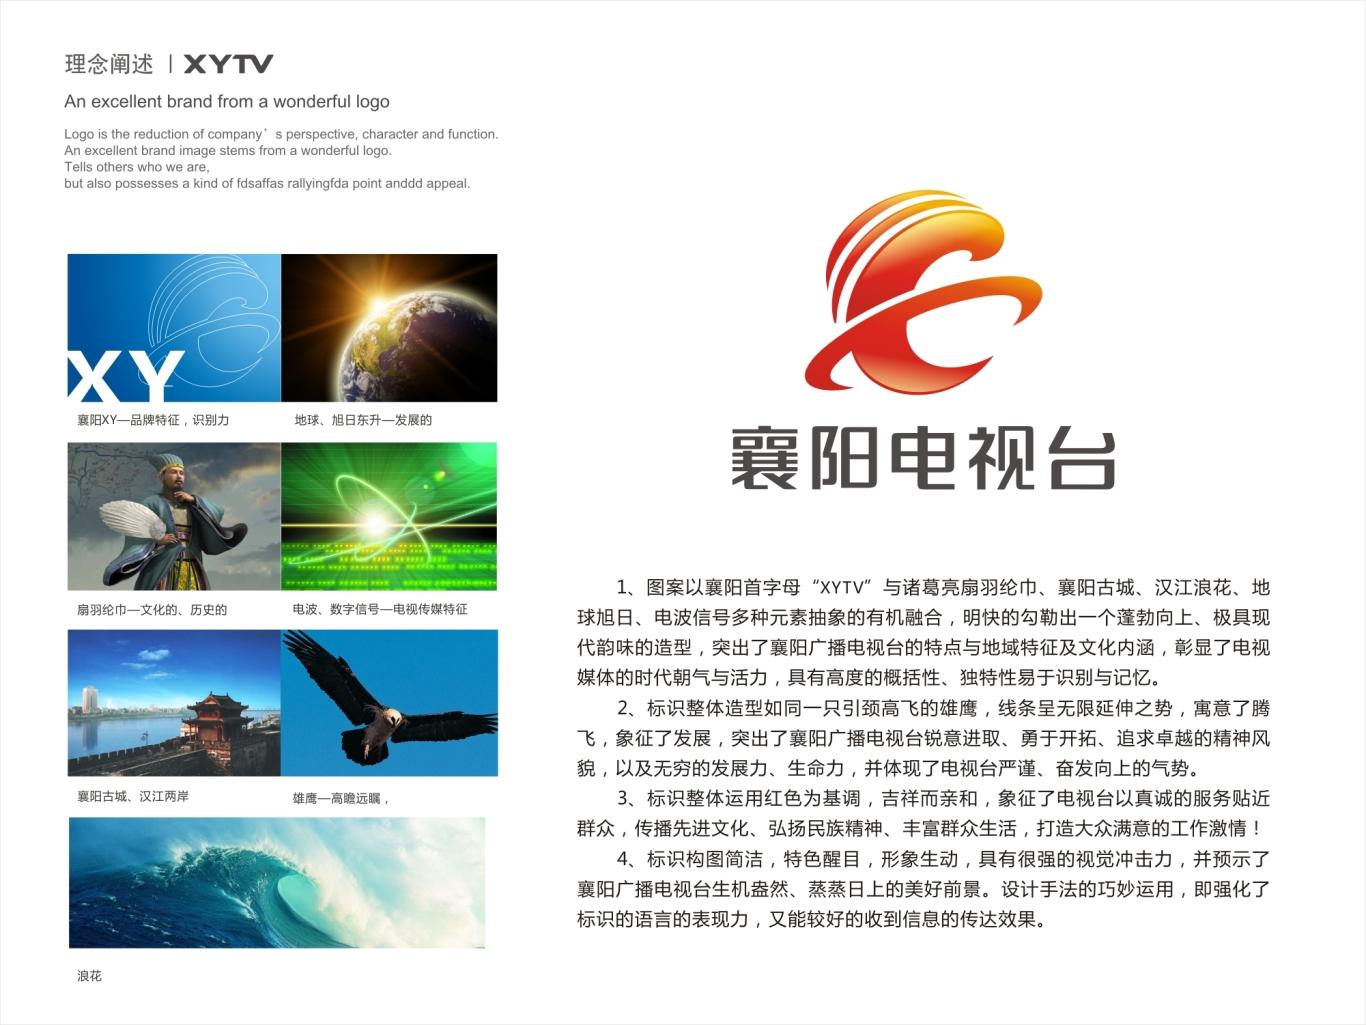 襄阳广播电视台台标设计图1